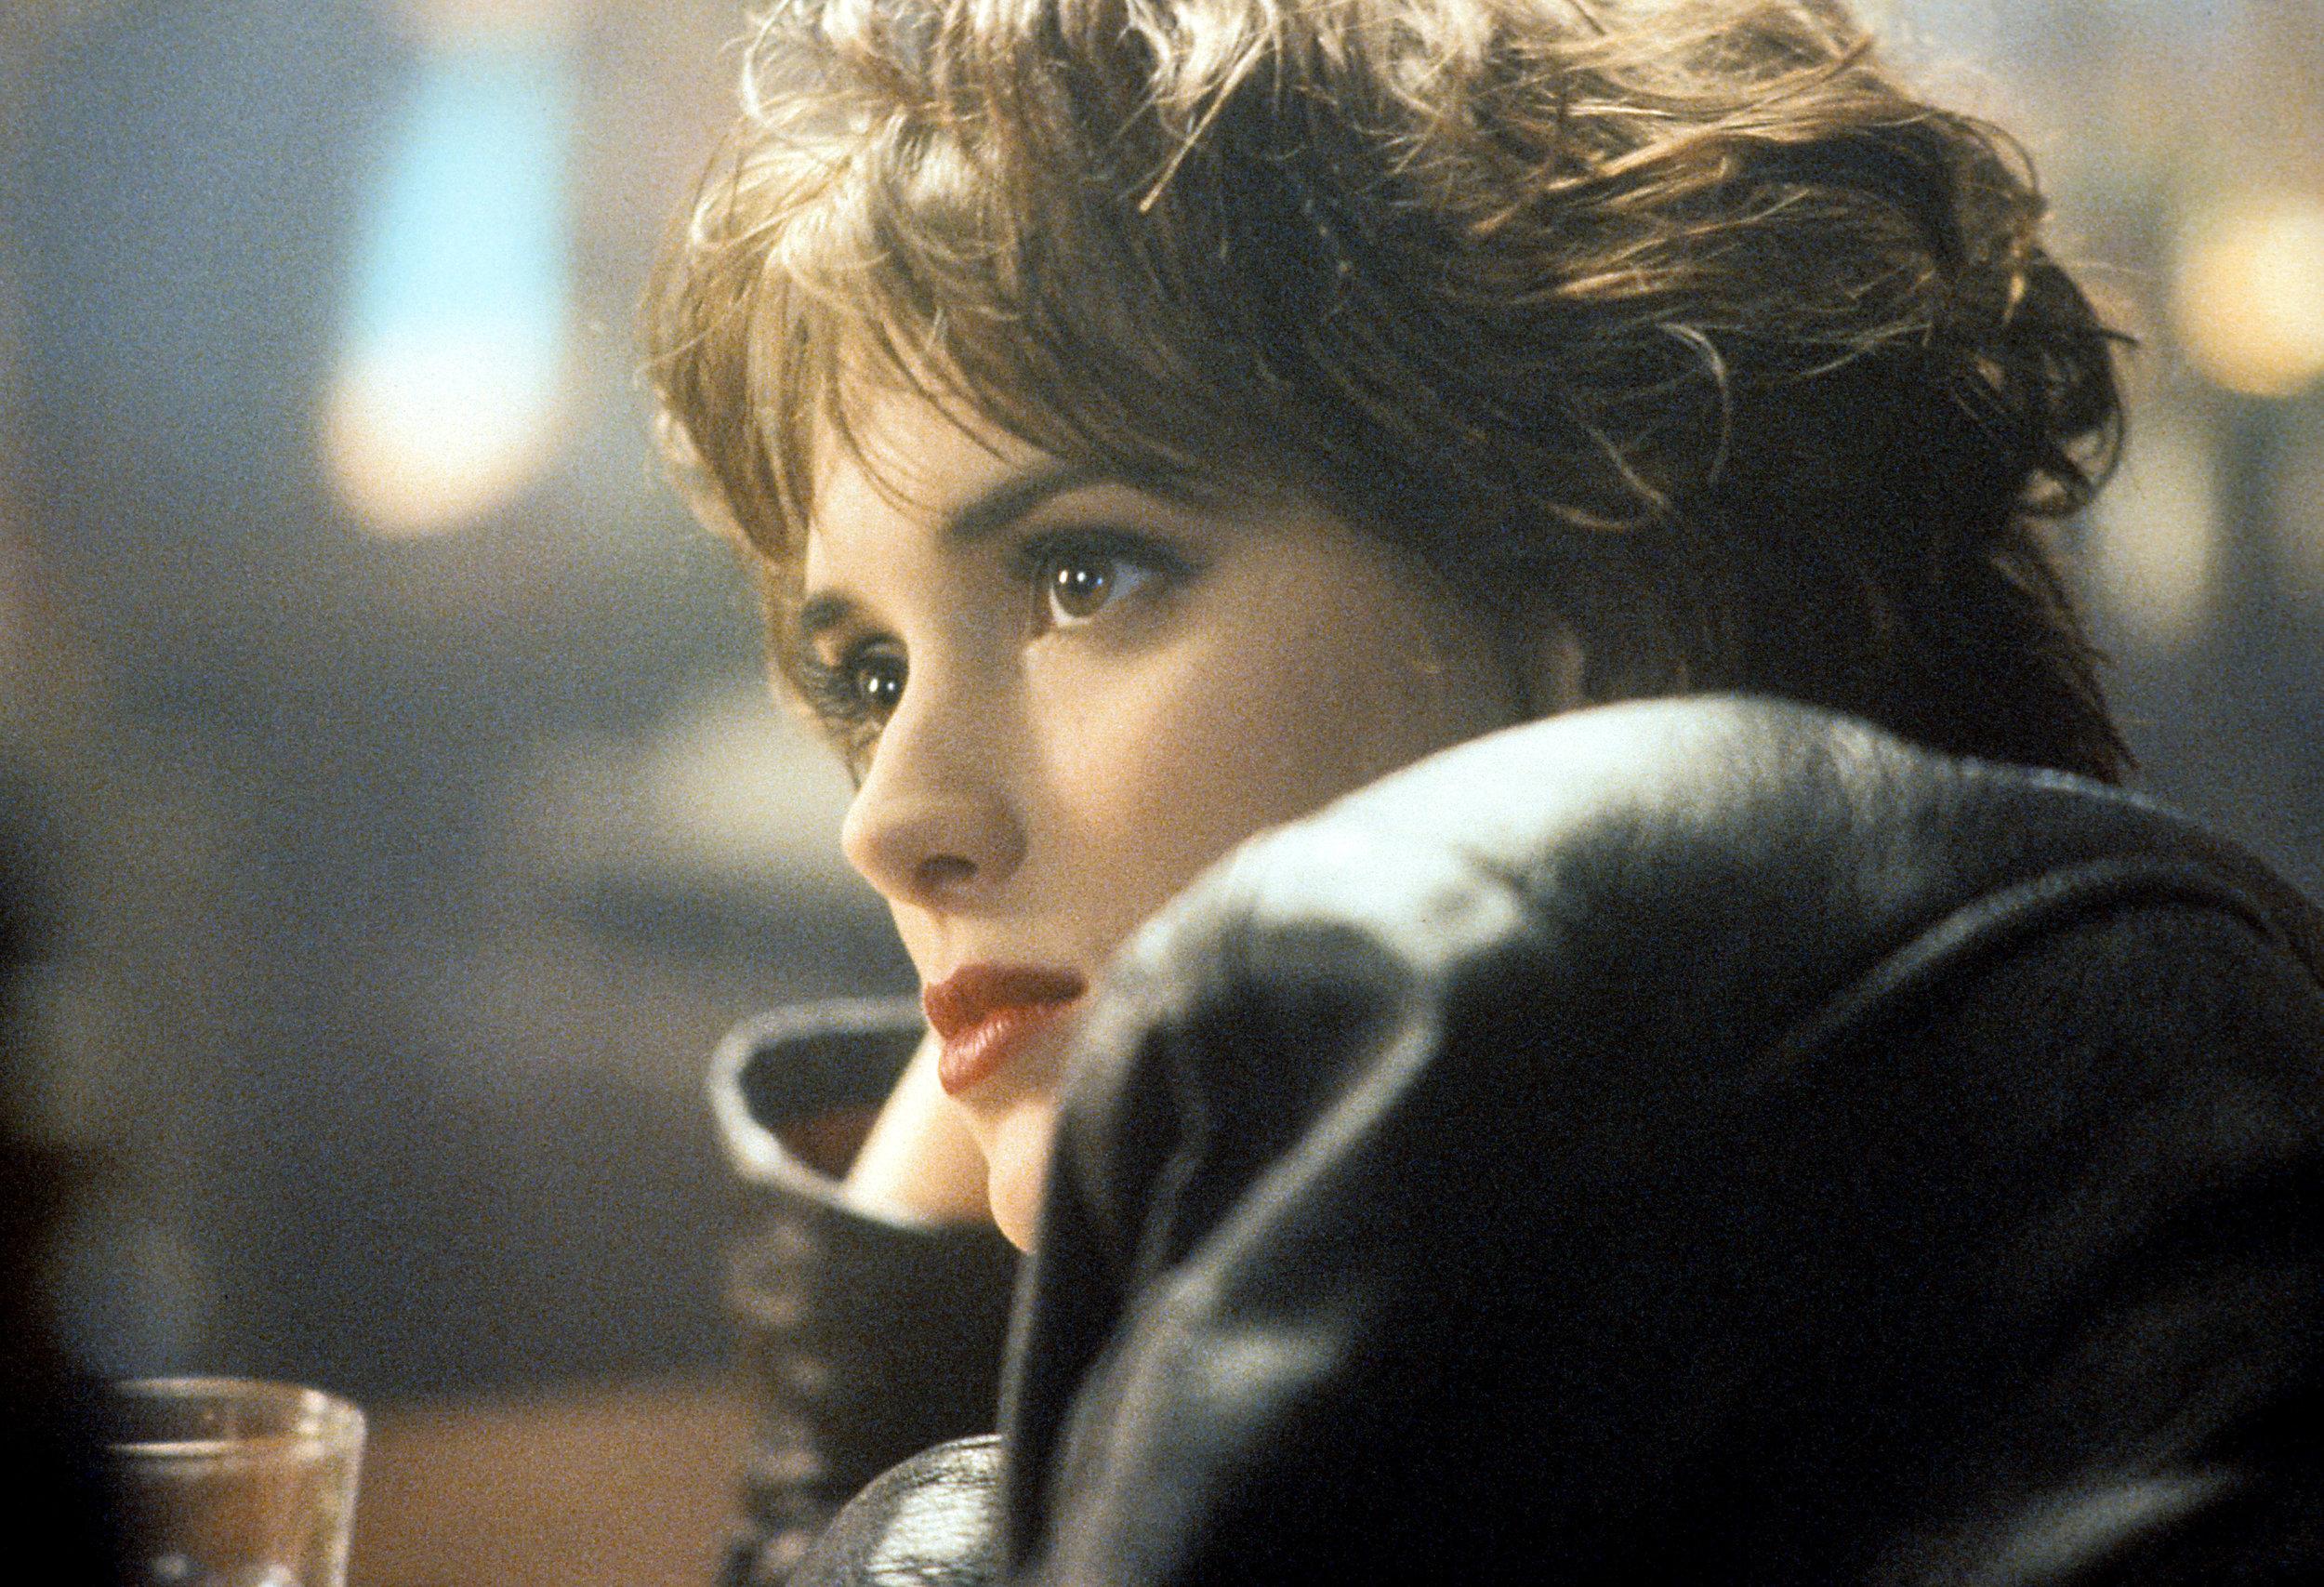 曾經紅極一時的90年代好萊塢玉女掌門人WINONA RYDER回來了